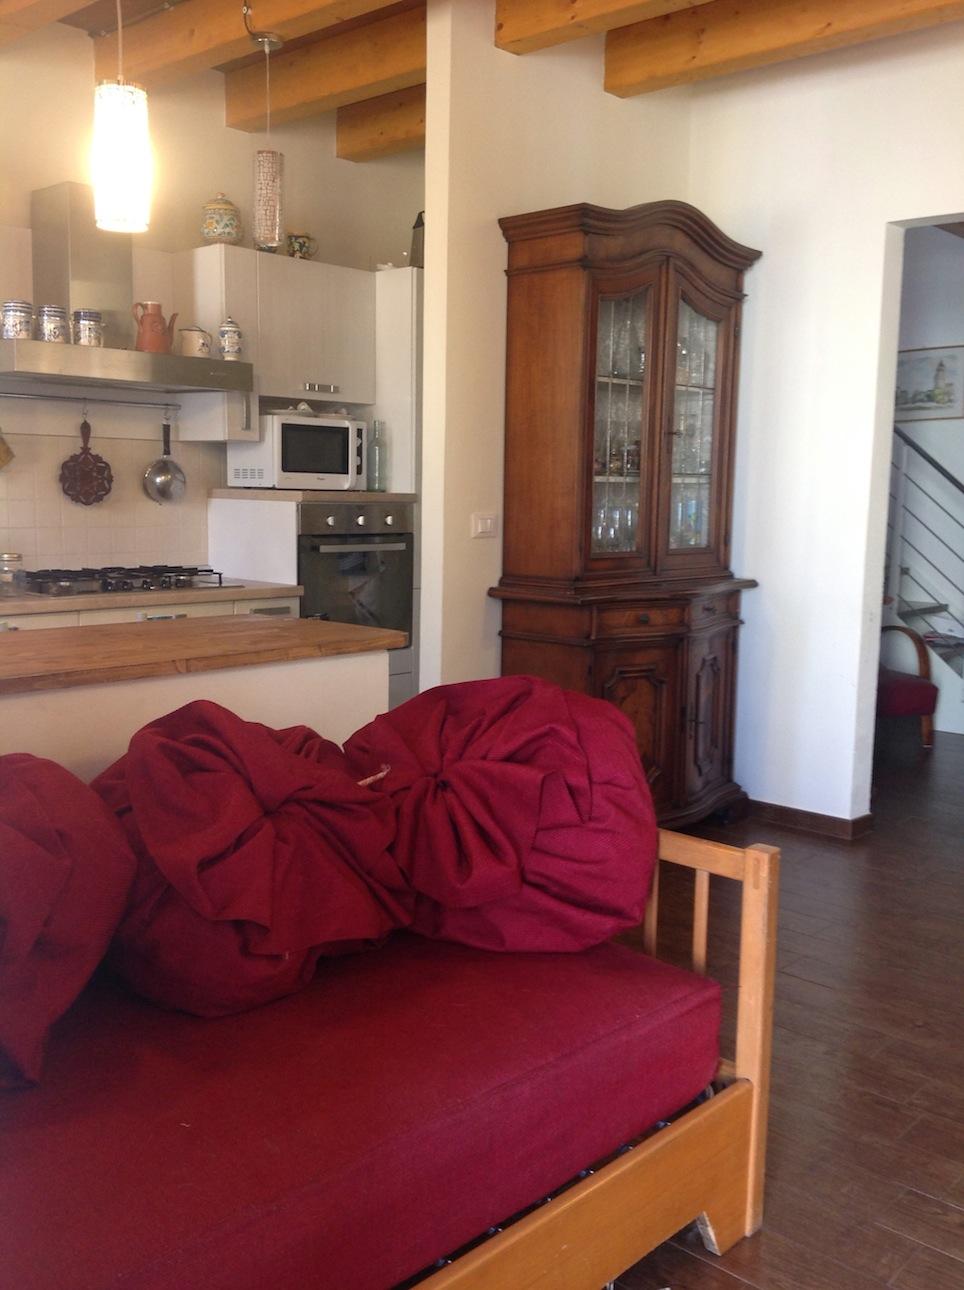 affitto appartamento mare viareggio 8443 (20140720160702-2014-99028-NDP.jpg)